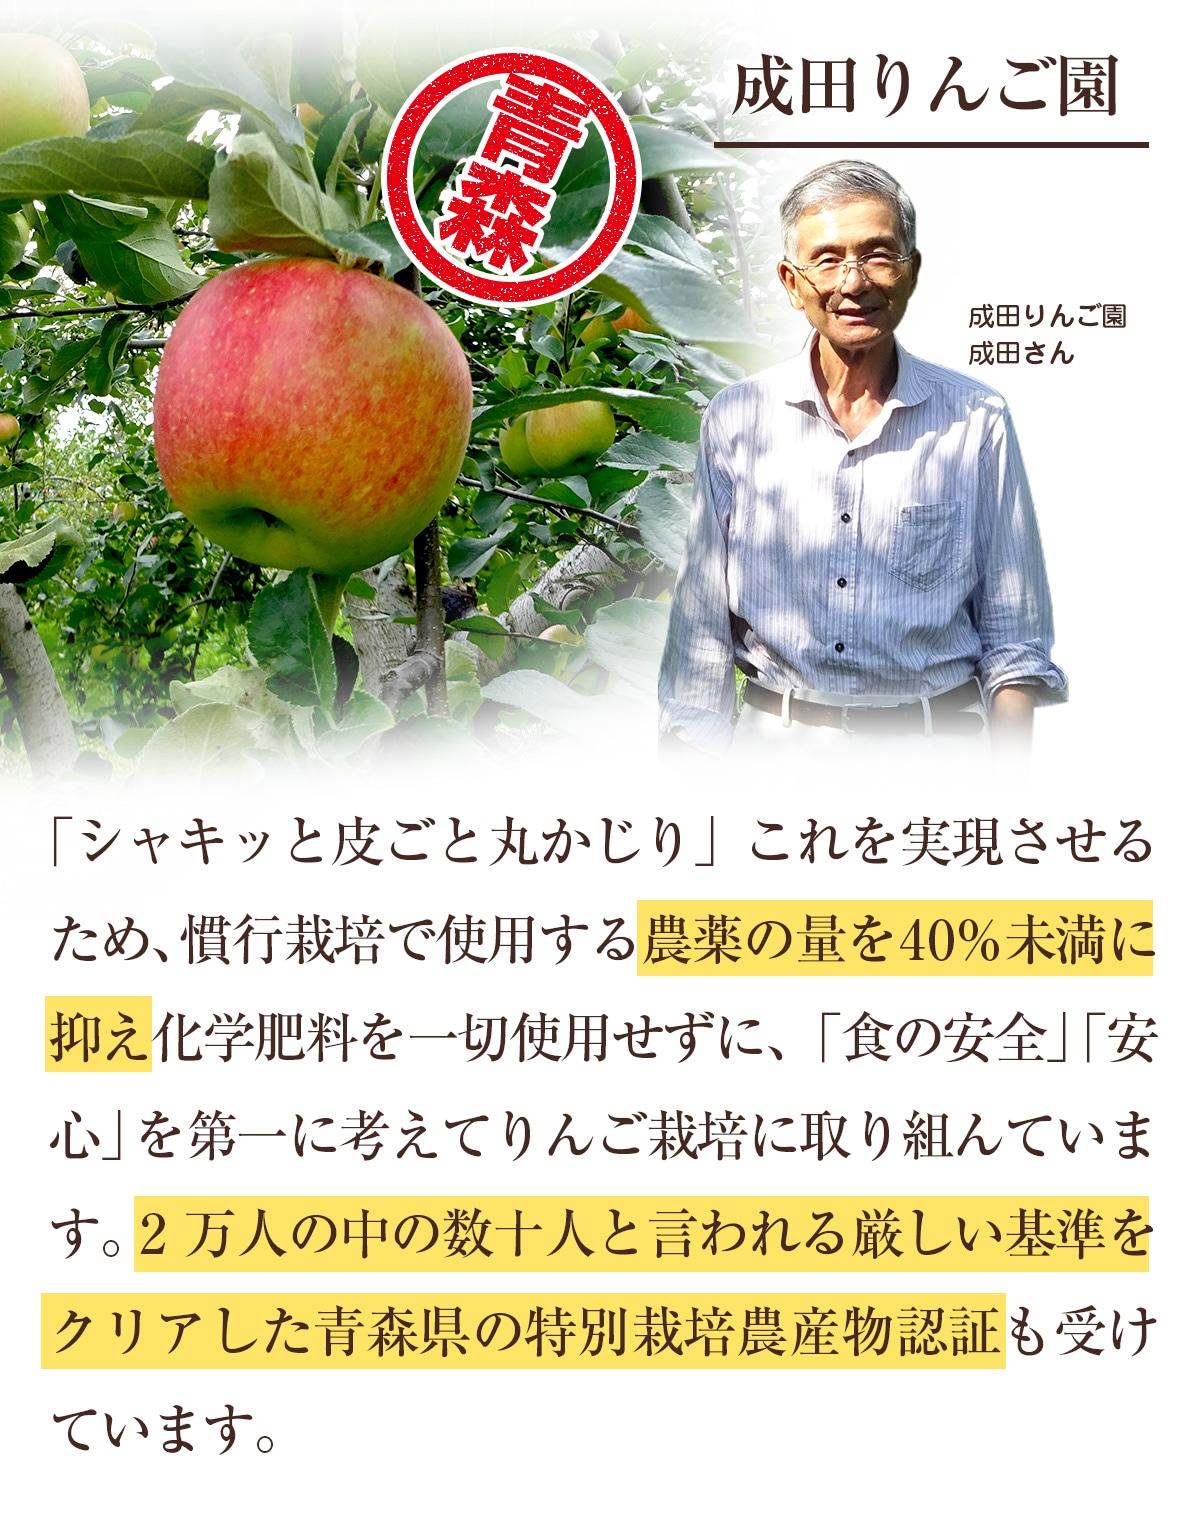 特別栽培農産物のりんご(成田りんご園)